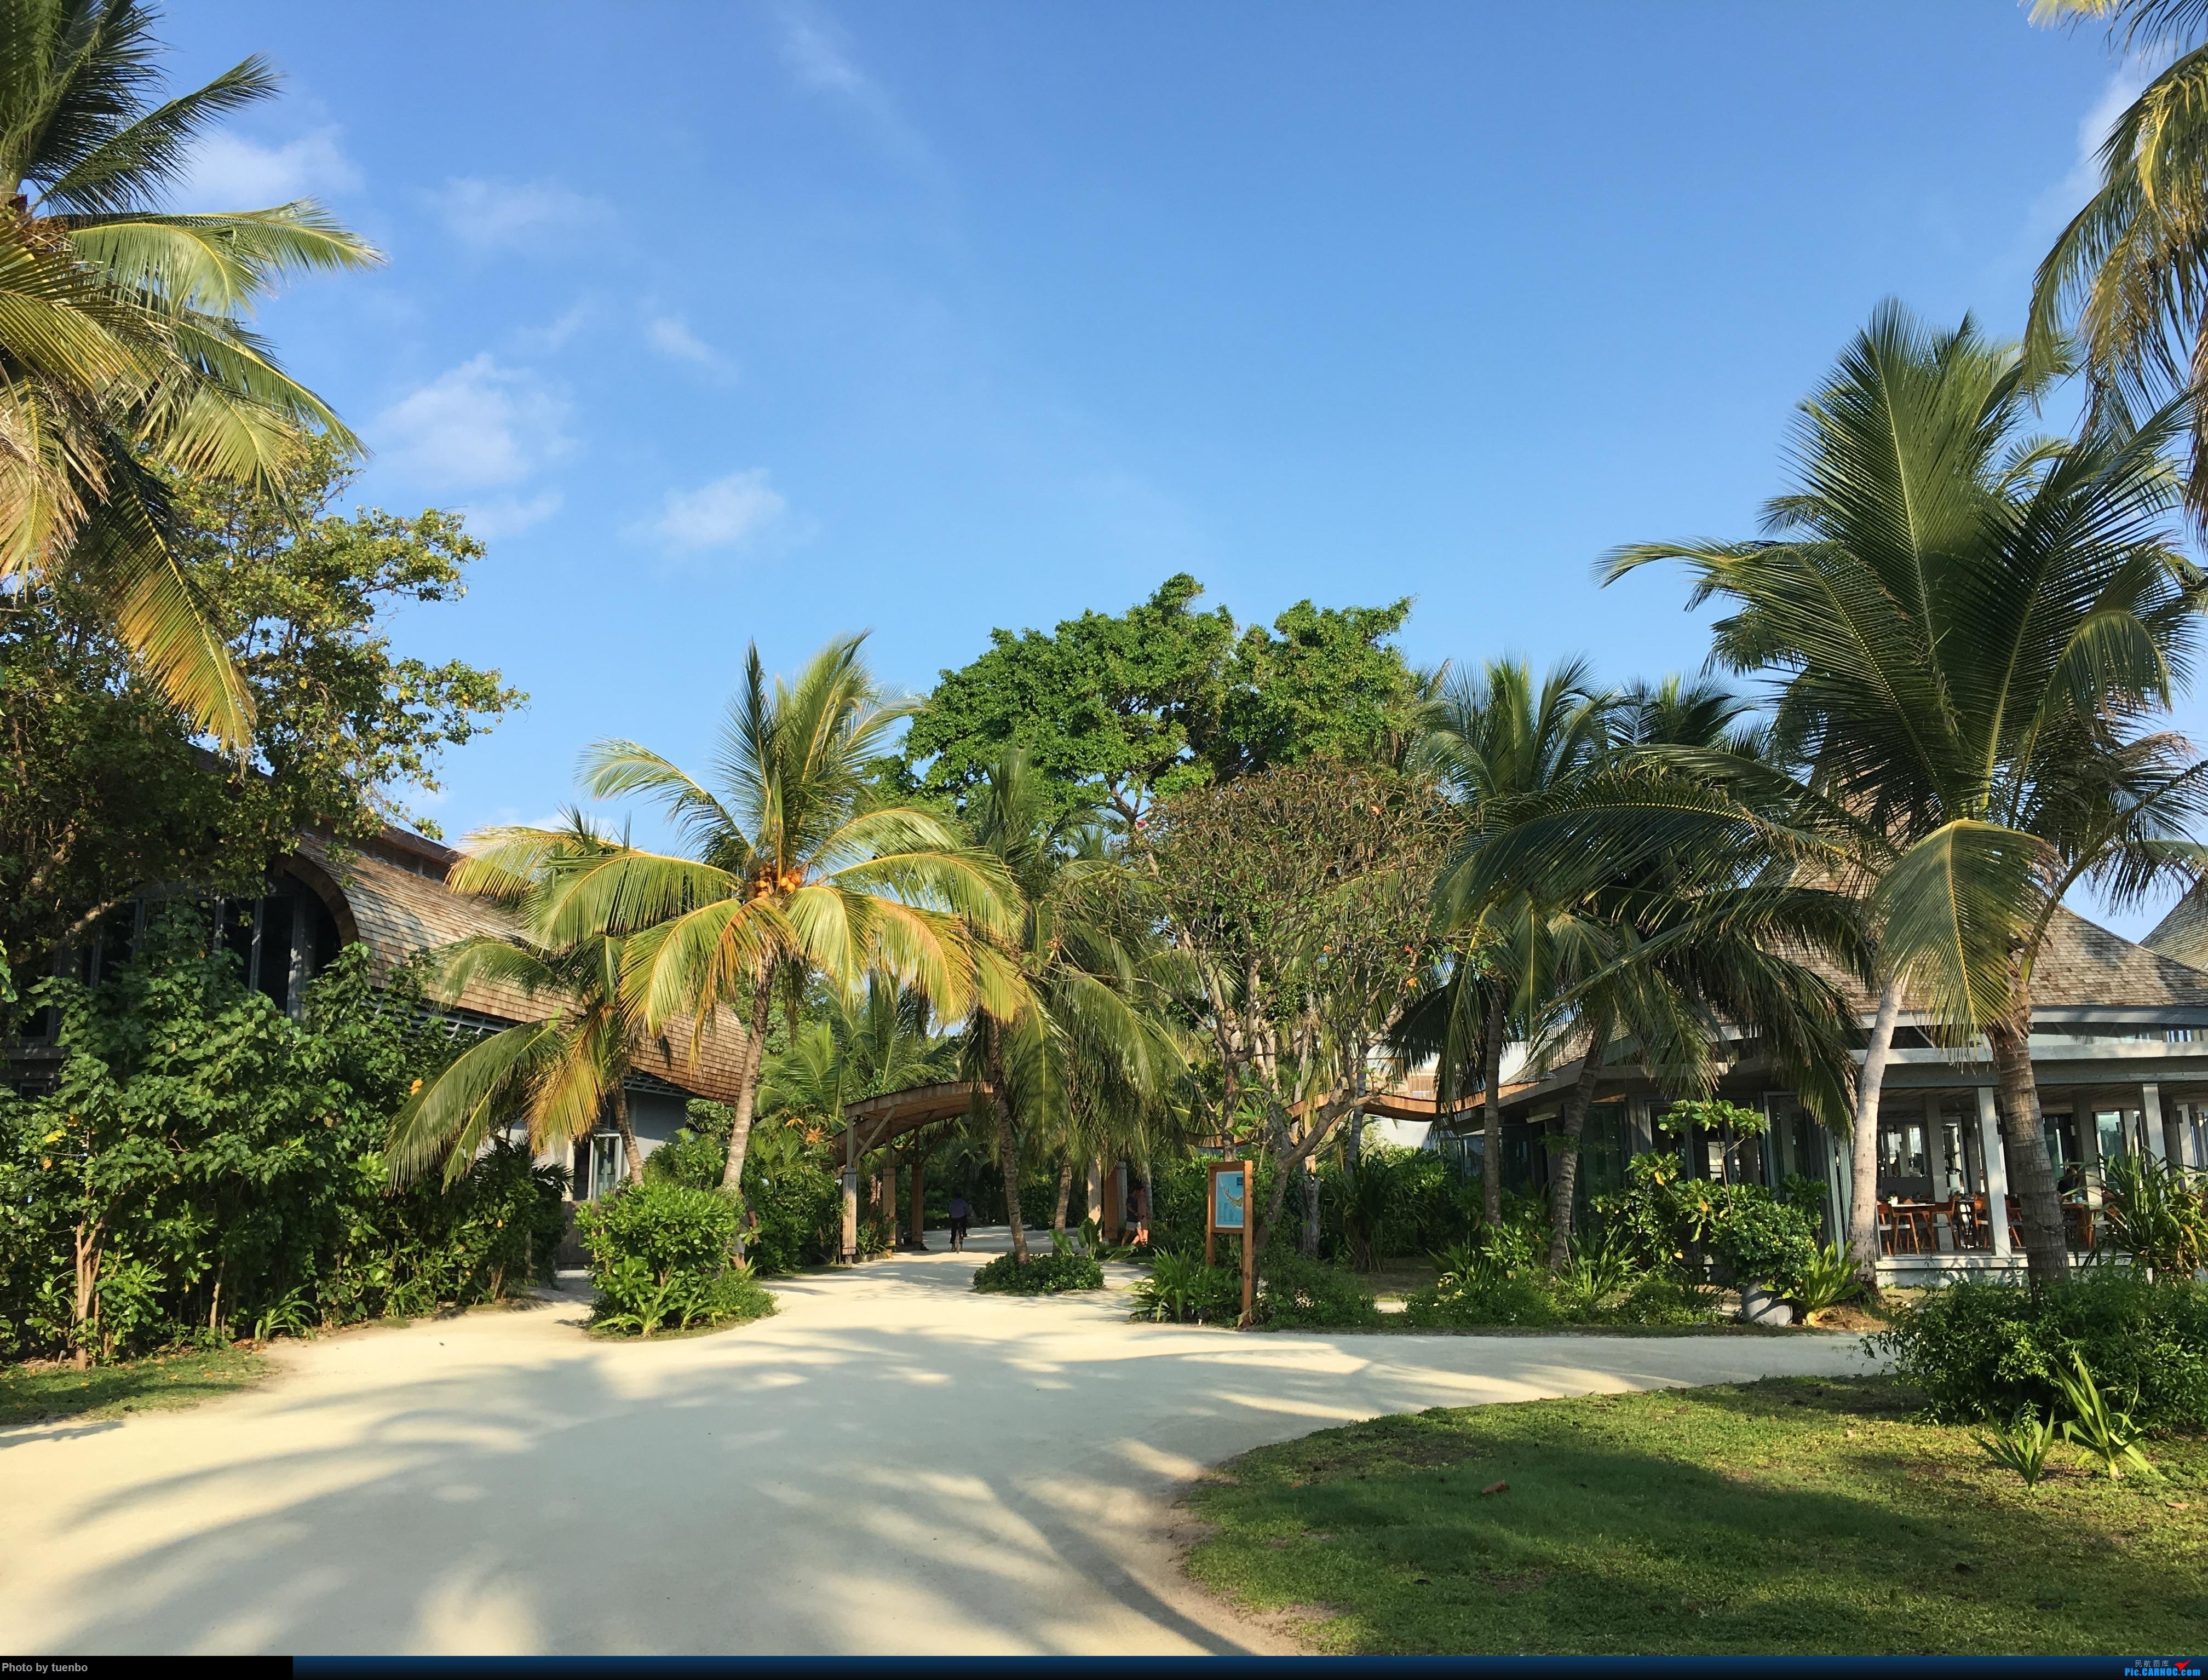 Re:[原创]马尔代夫之旅,难忘的美景